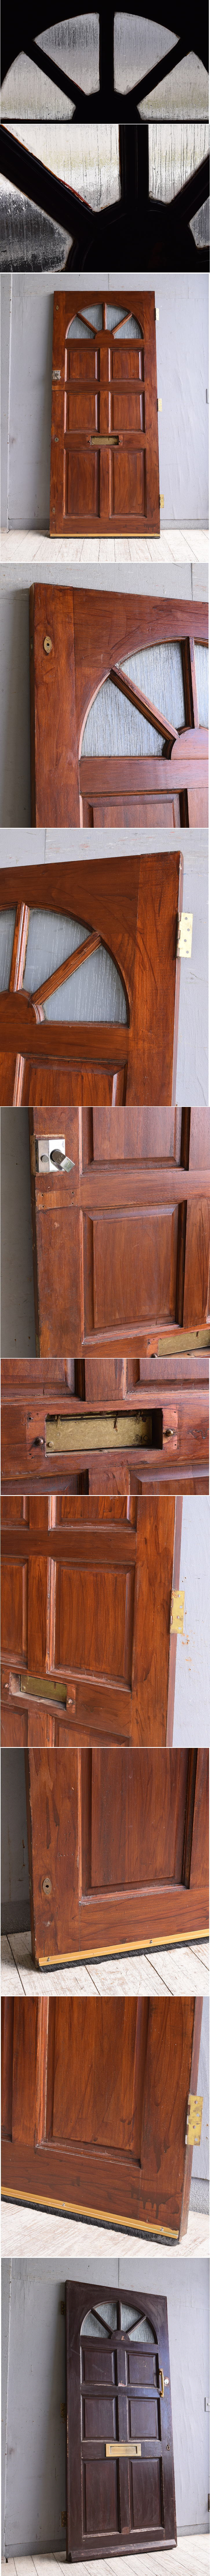 イギリス アンティーク ドア 扉 建具 10086